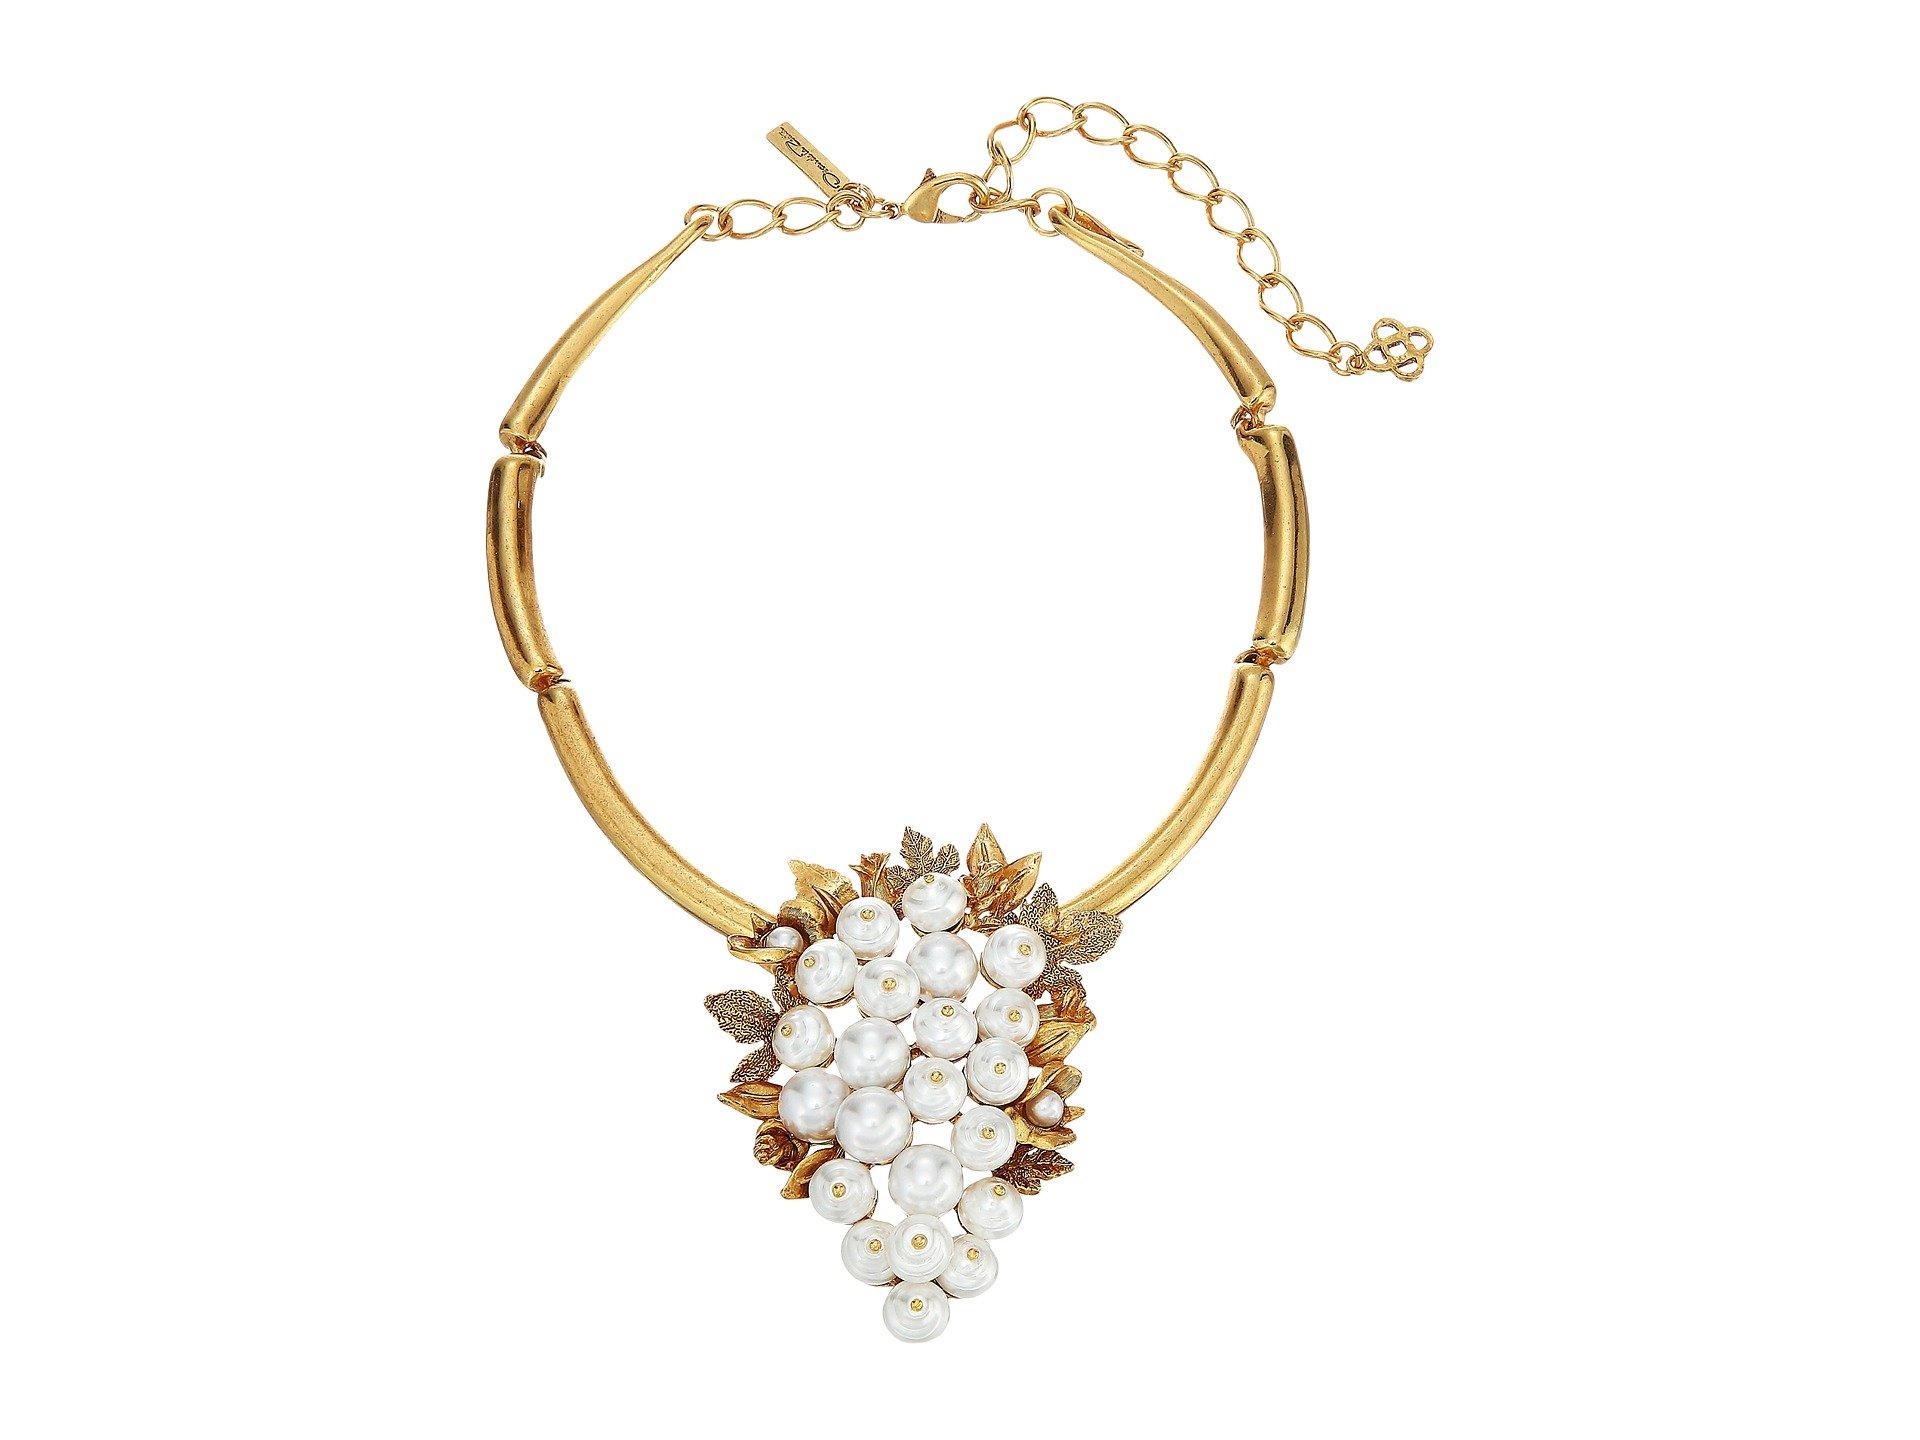 Pendientes para Mujer Oscar de la Renta Baroque Pearl Necklace  + Oscar de la Renta en VeoyCompro.net